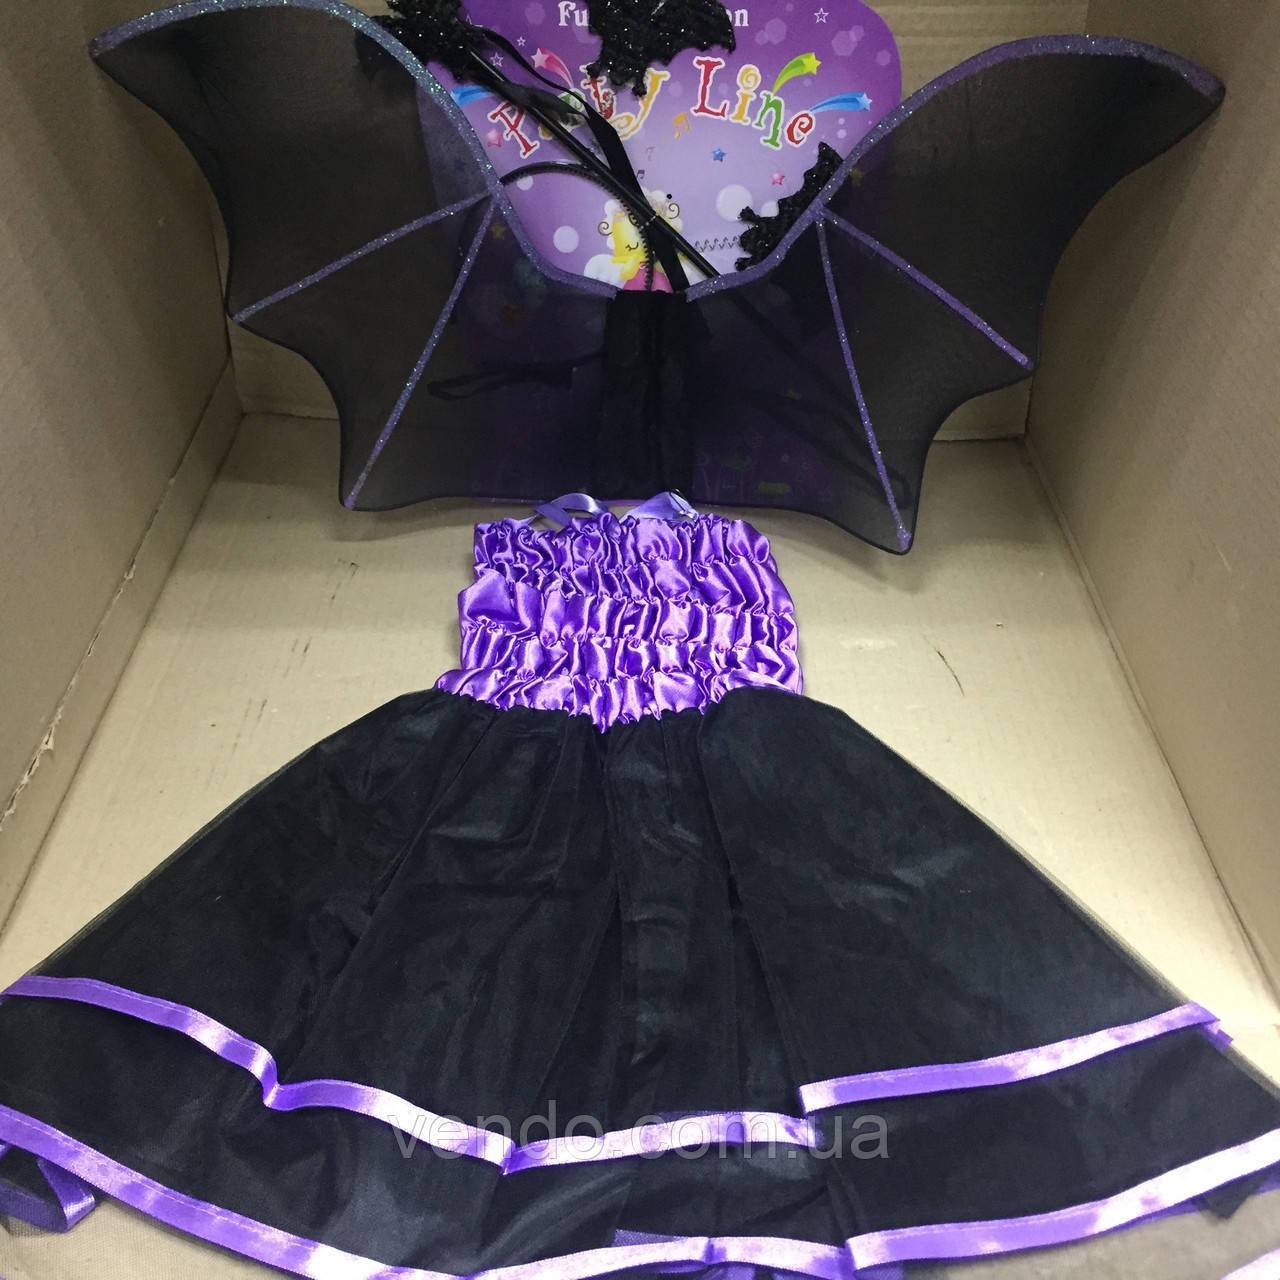 Карнавальный костюм Летучая мышь (2-6 лет)